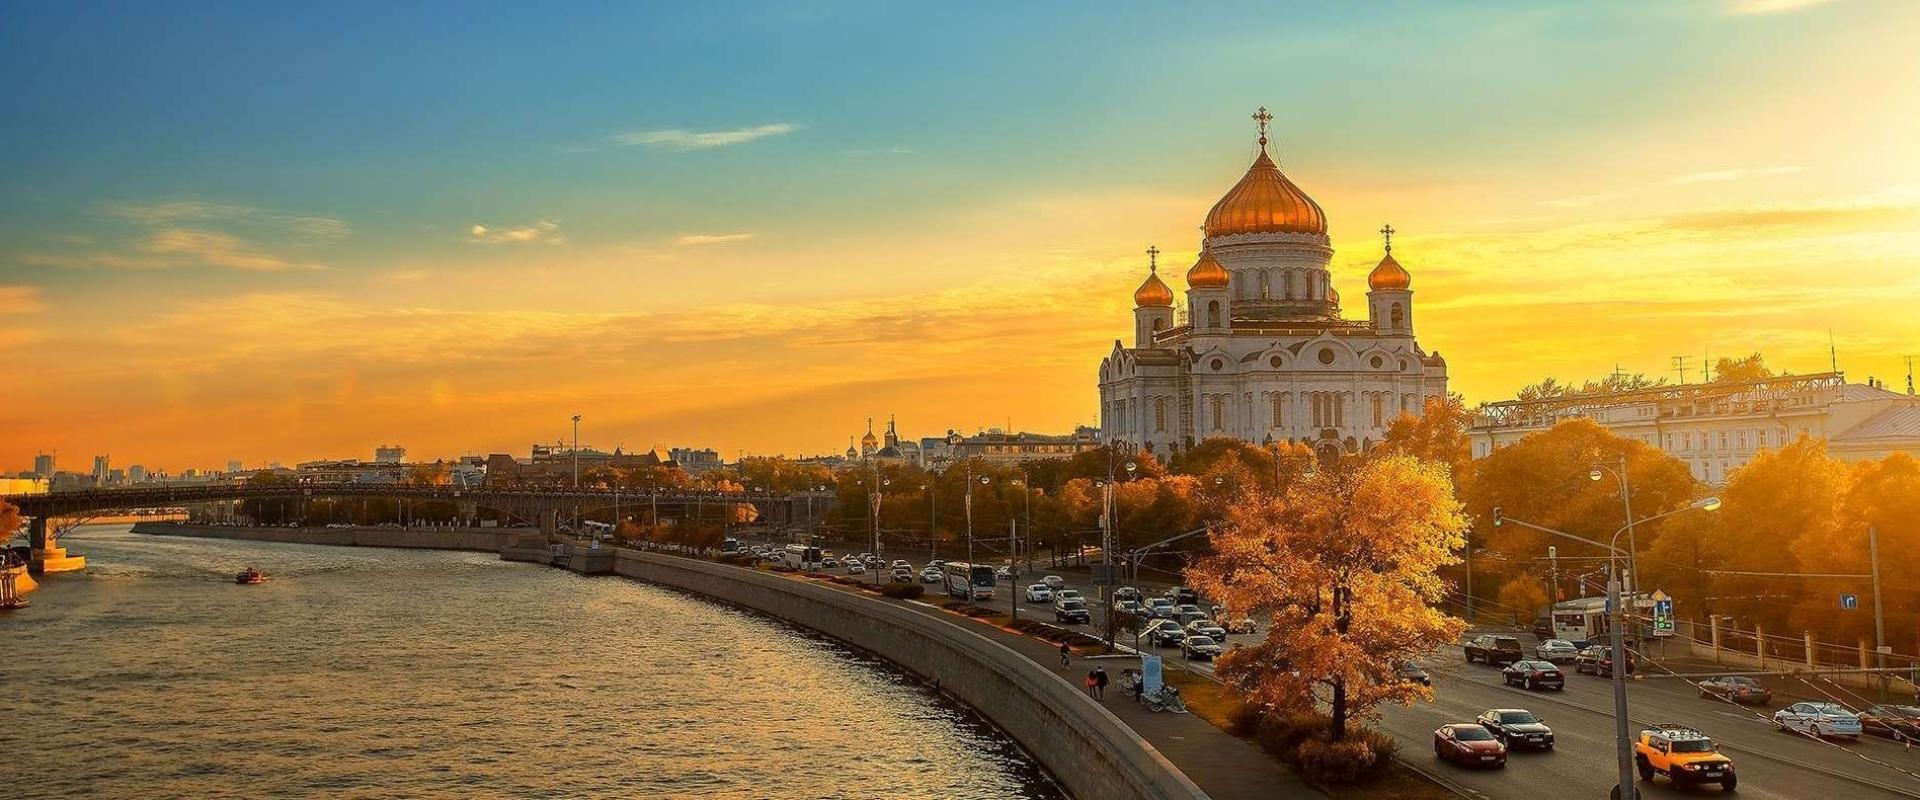 Работа в России - в стране бесконечных возможностей!